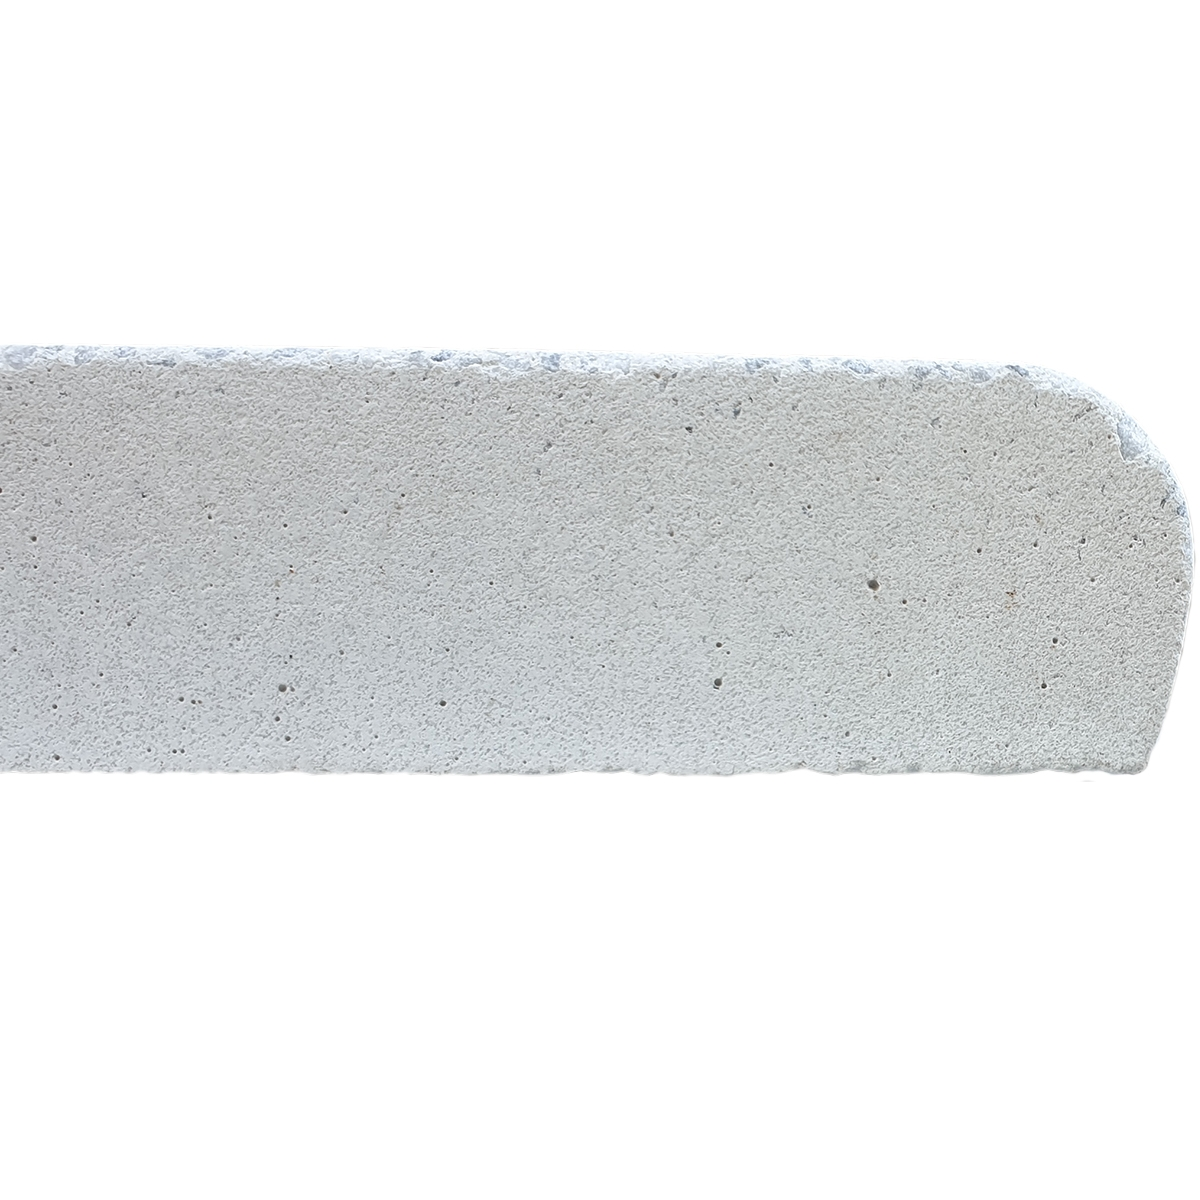 Forma borde prefabricados de hormigón modelo Jerez